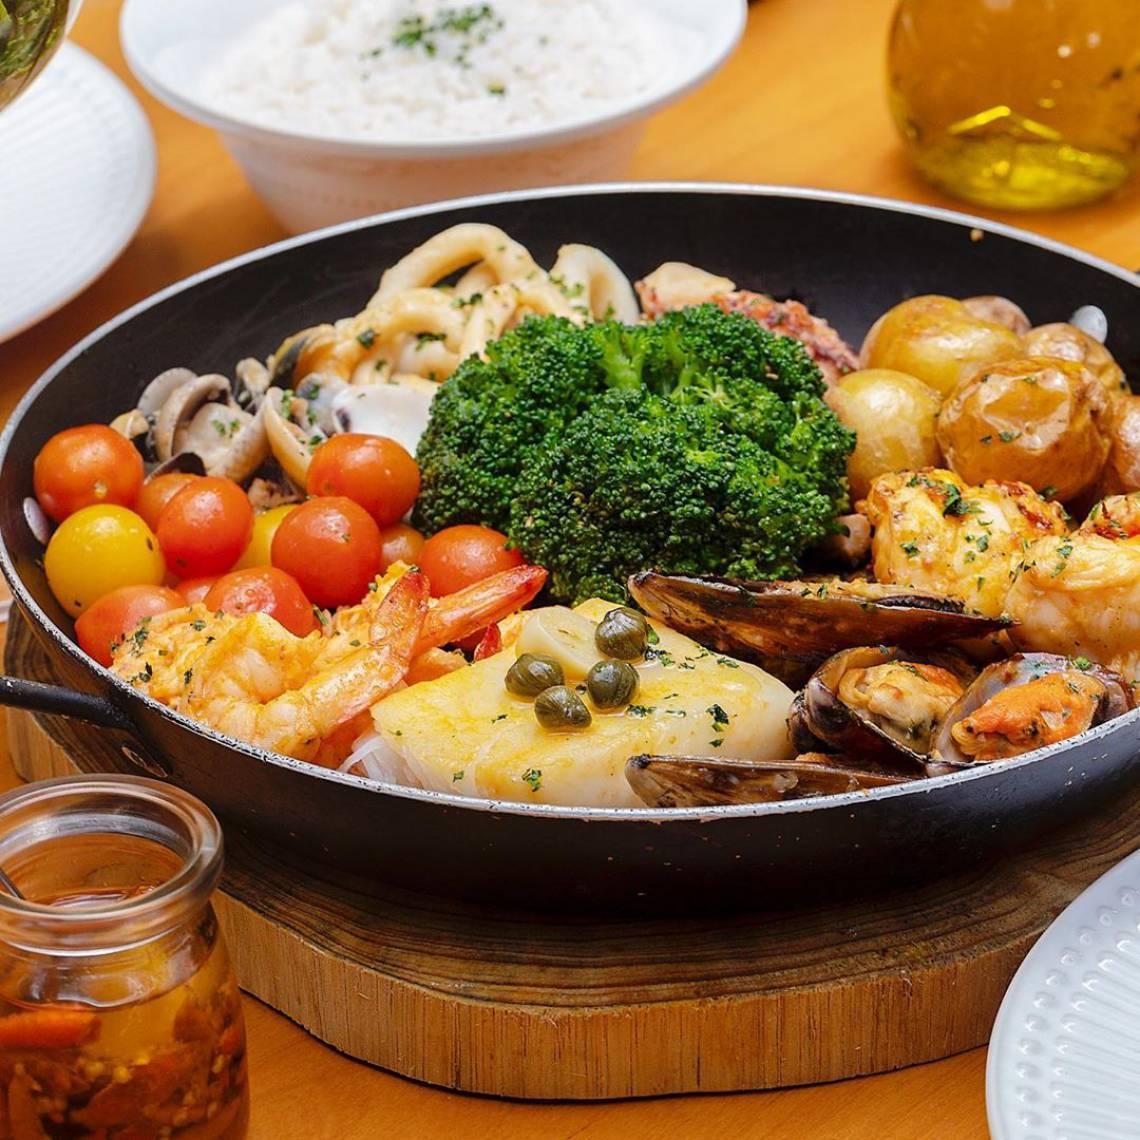 Os pratos do Cocina 378 têm inspiração na culinária ibérica e mediterrânea